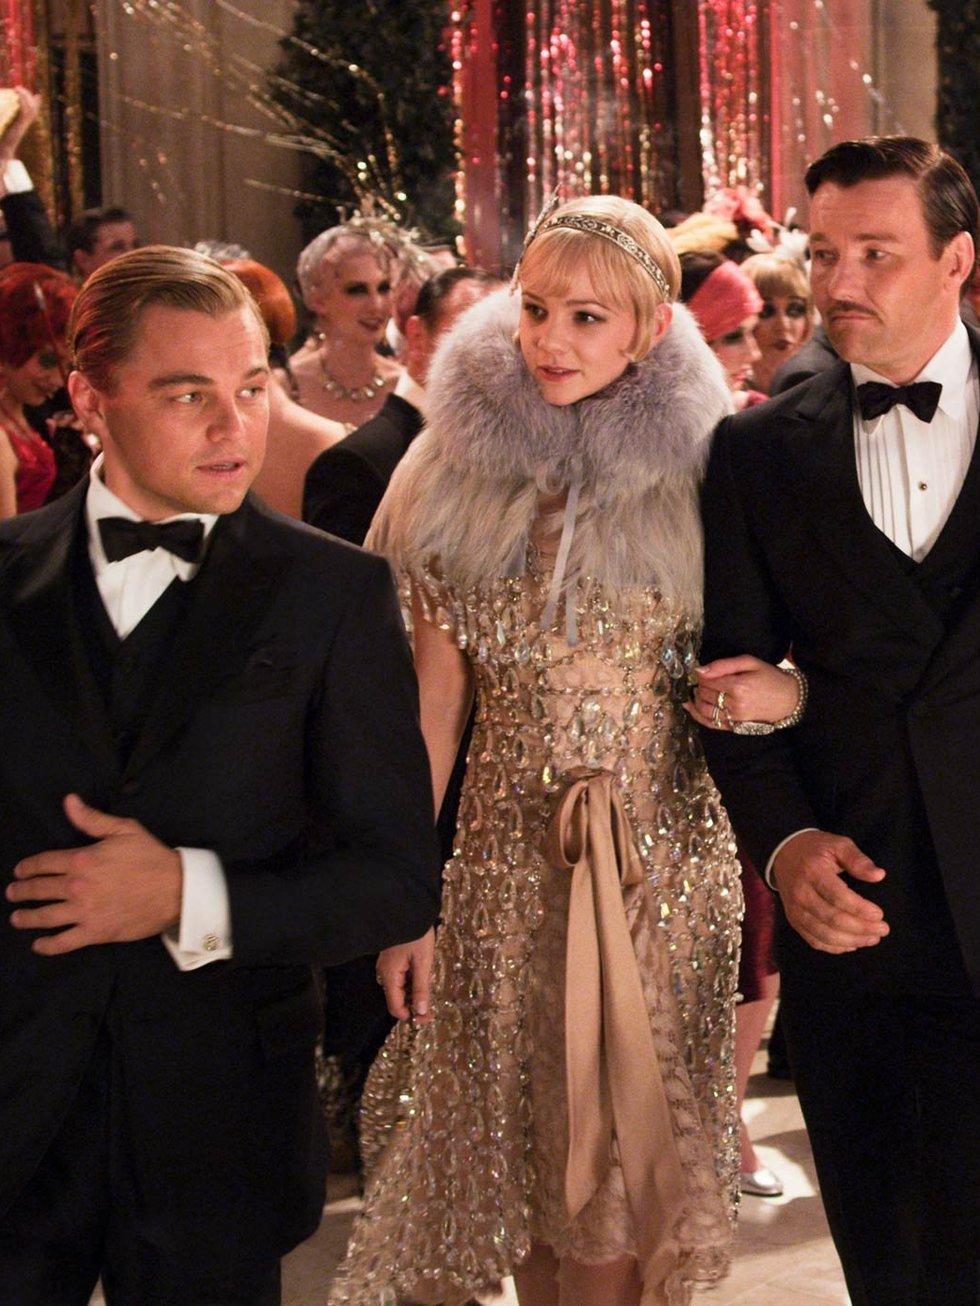 Rezultate imazhesh për the great gatsby costumes